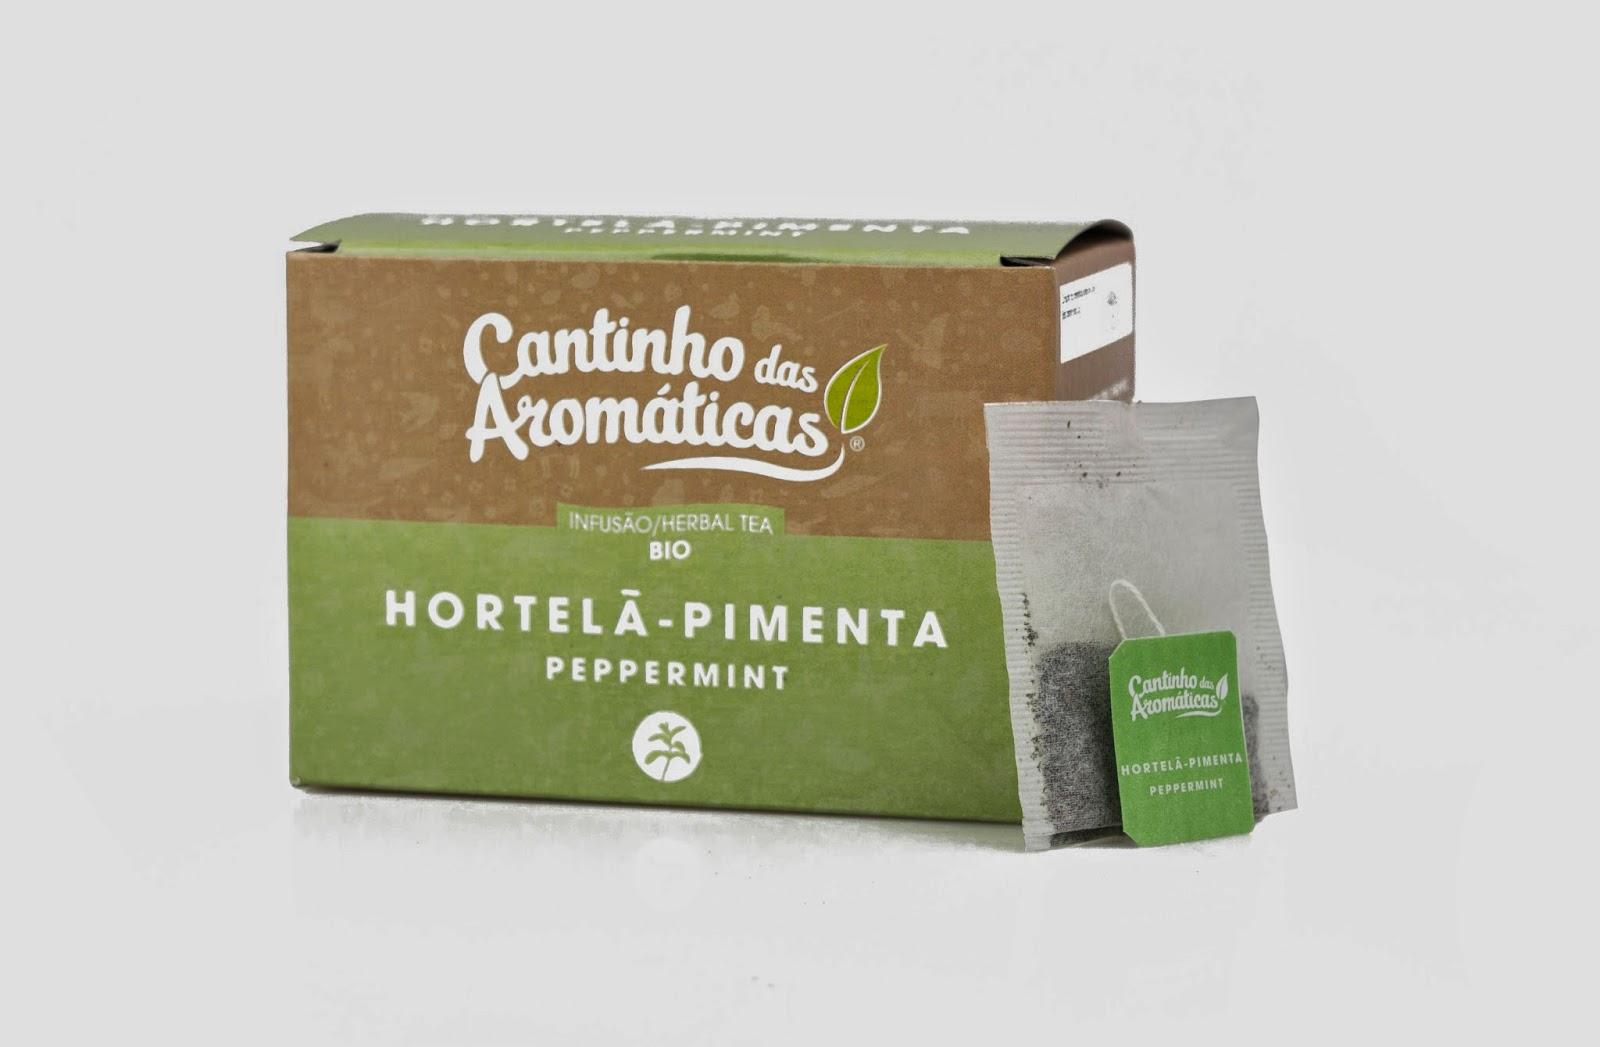 http://www.cantinhodasaromaticas.pt/loja/infusoes-bio-em-saquetas/hortela-pimenta-infusao-bio-em-saquetas/